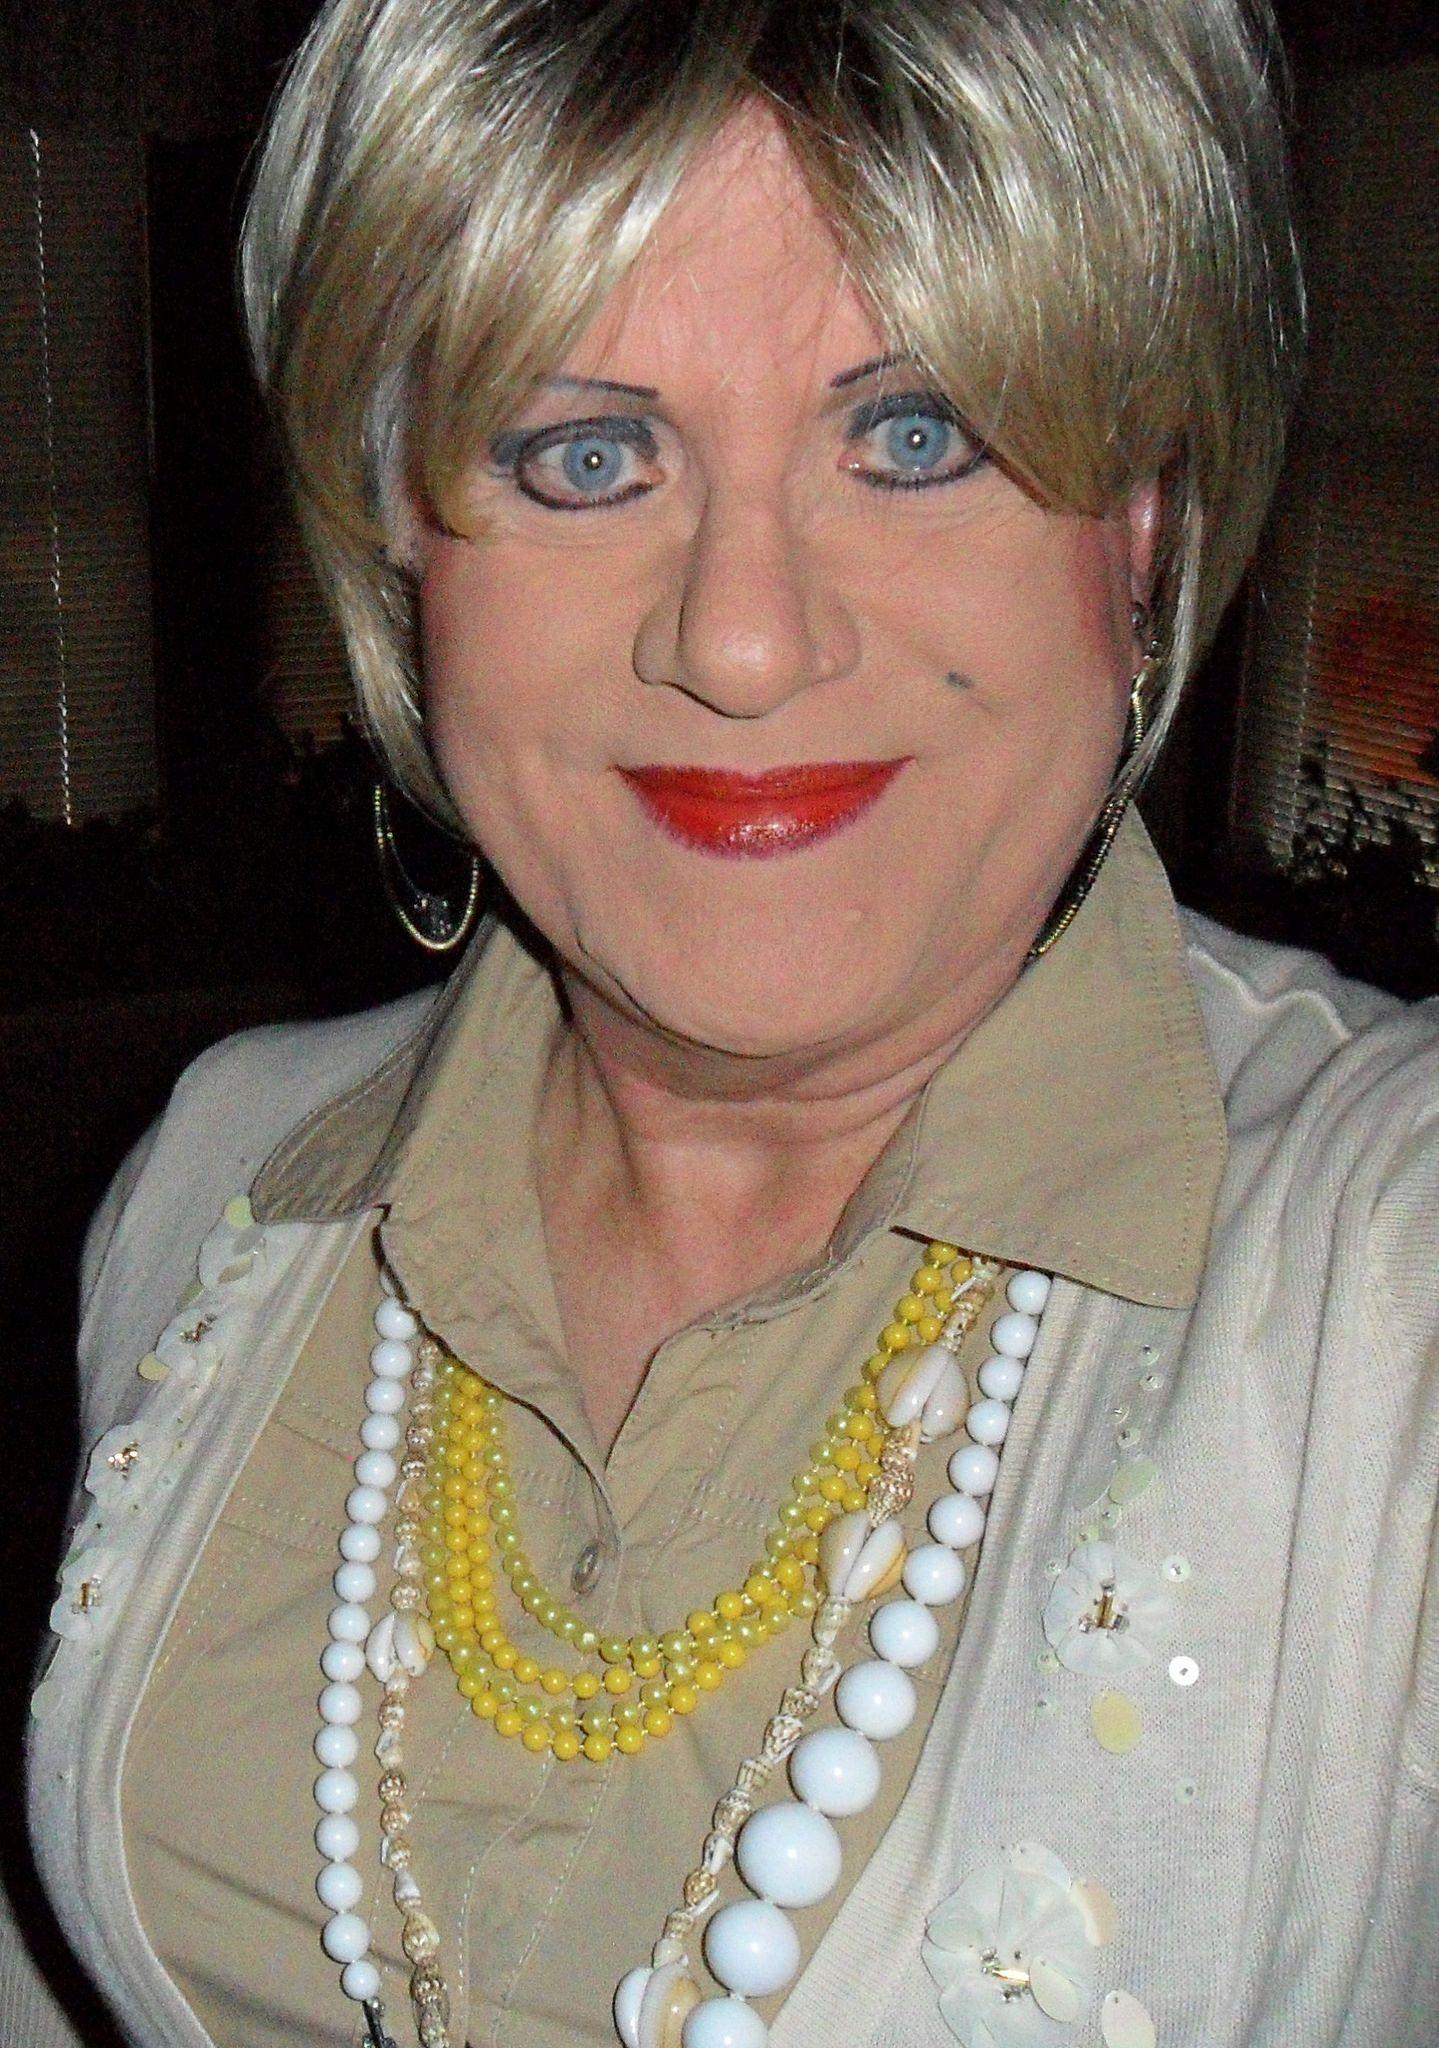 Pin by margaret on pretty gurls pinterest third gender tgirls